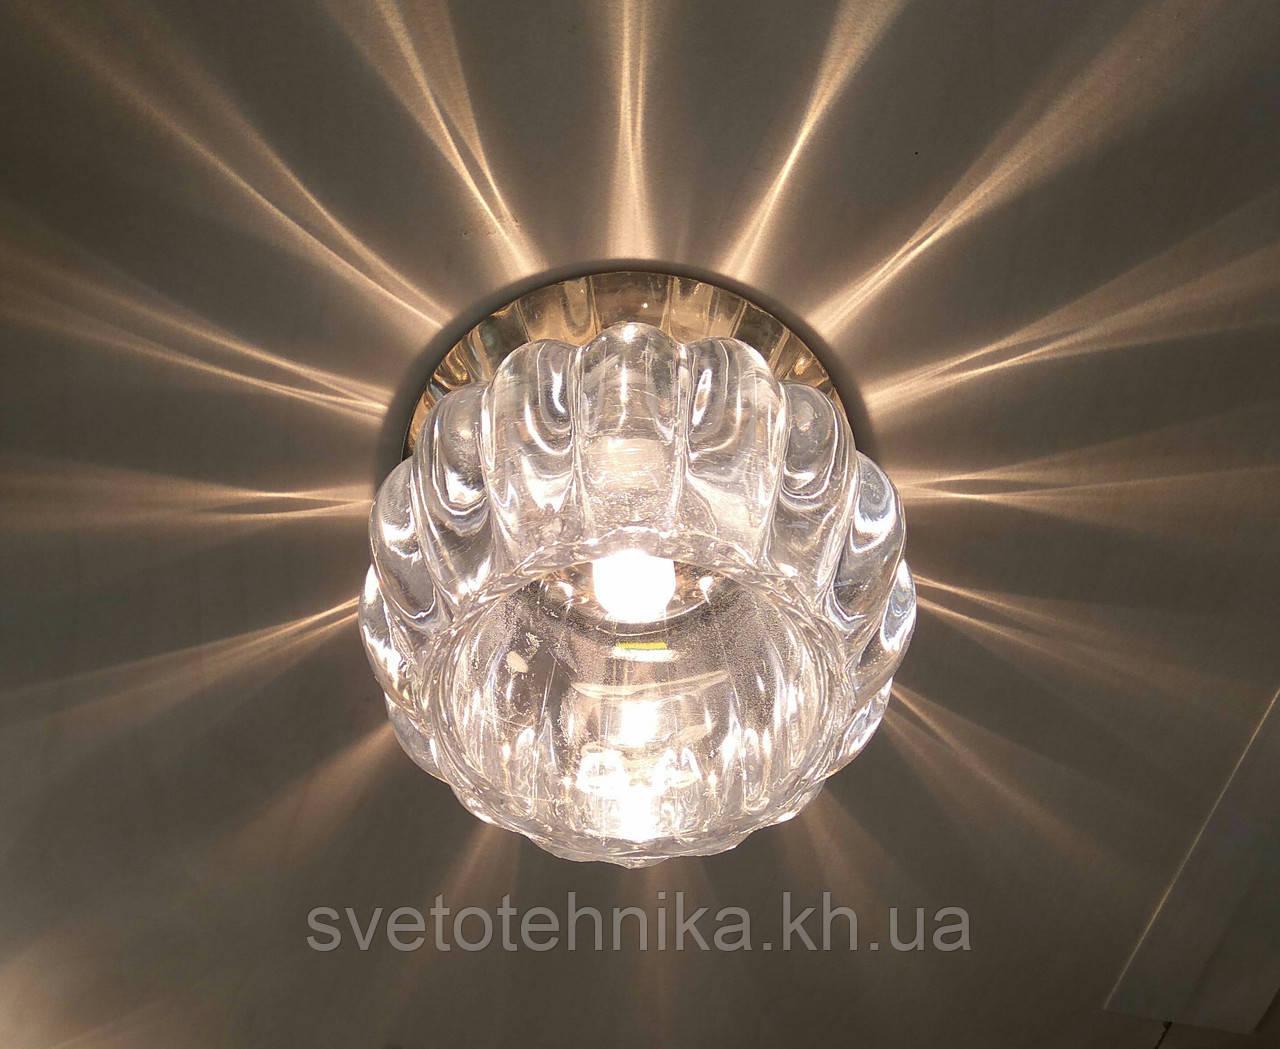 Вбудовуваний декоративний світильник точковий з кристалом Feron JD93 прозорий матовий золото